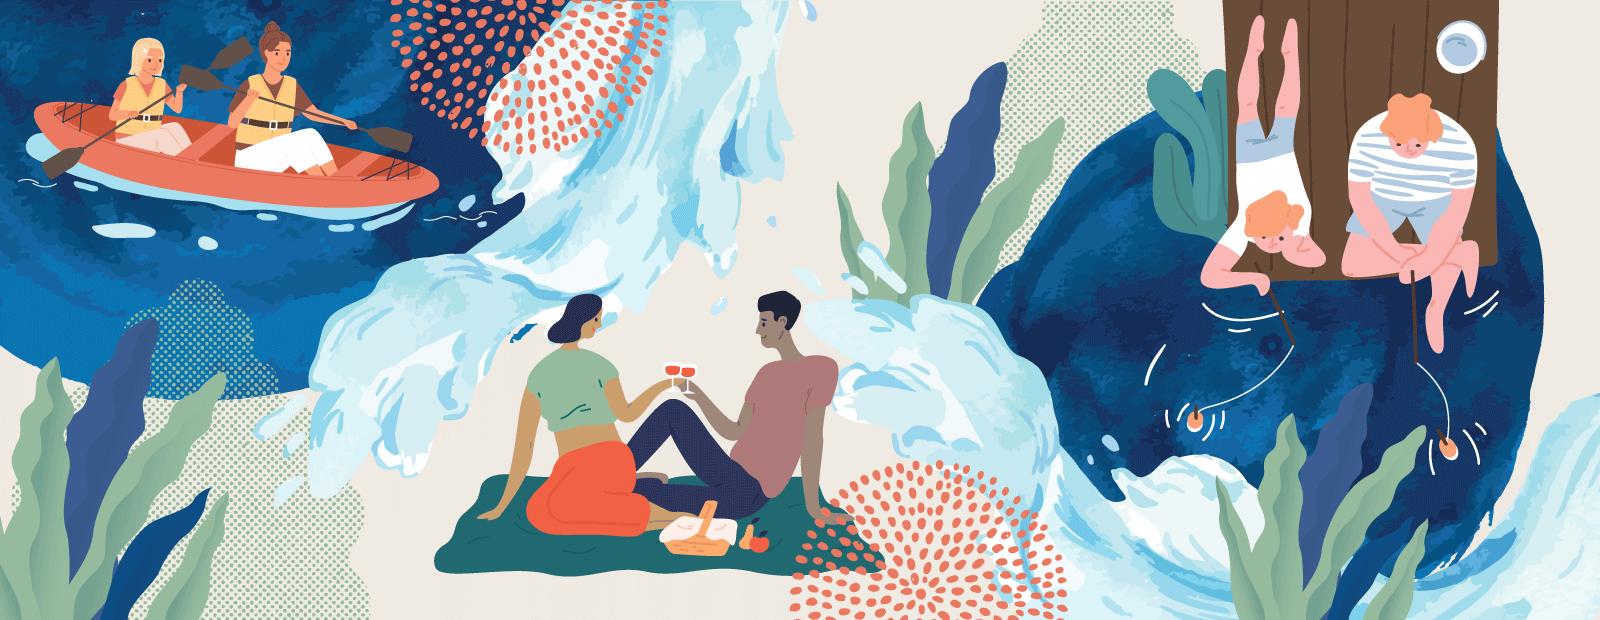 Vinkit vesien ystäville kuvituskuva